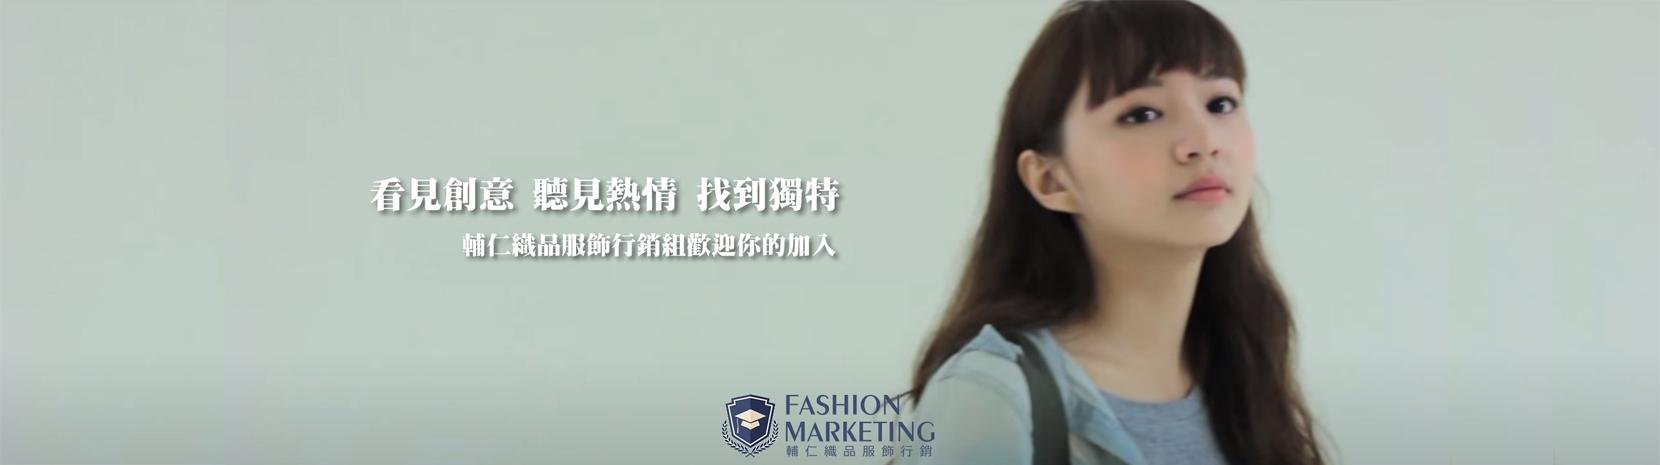 輔大織品服飾行銷組歡迎你的加入